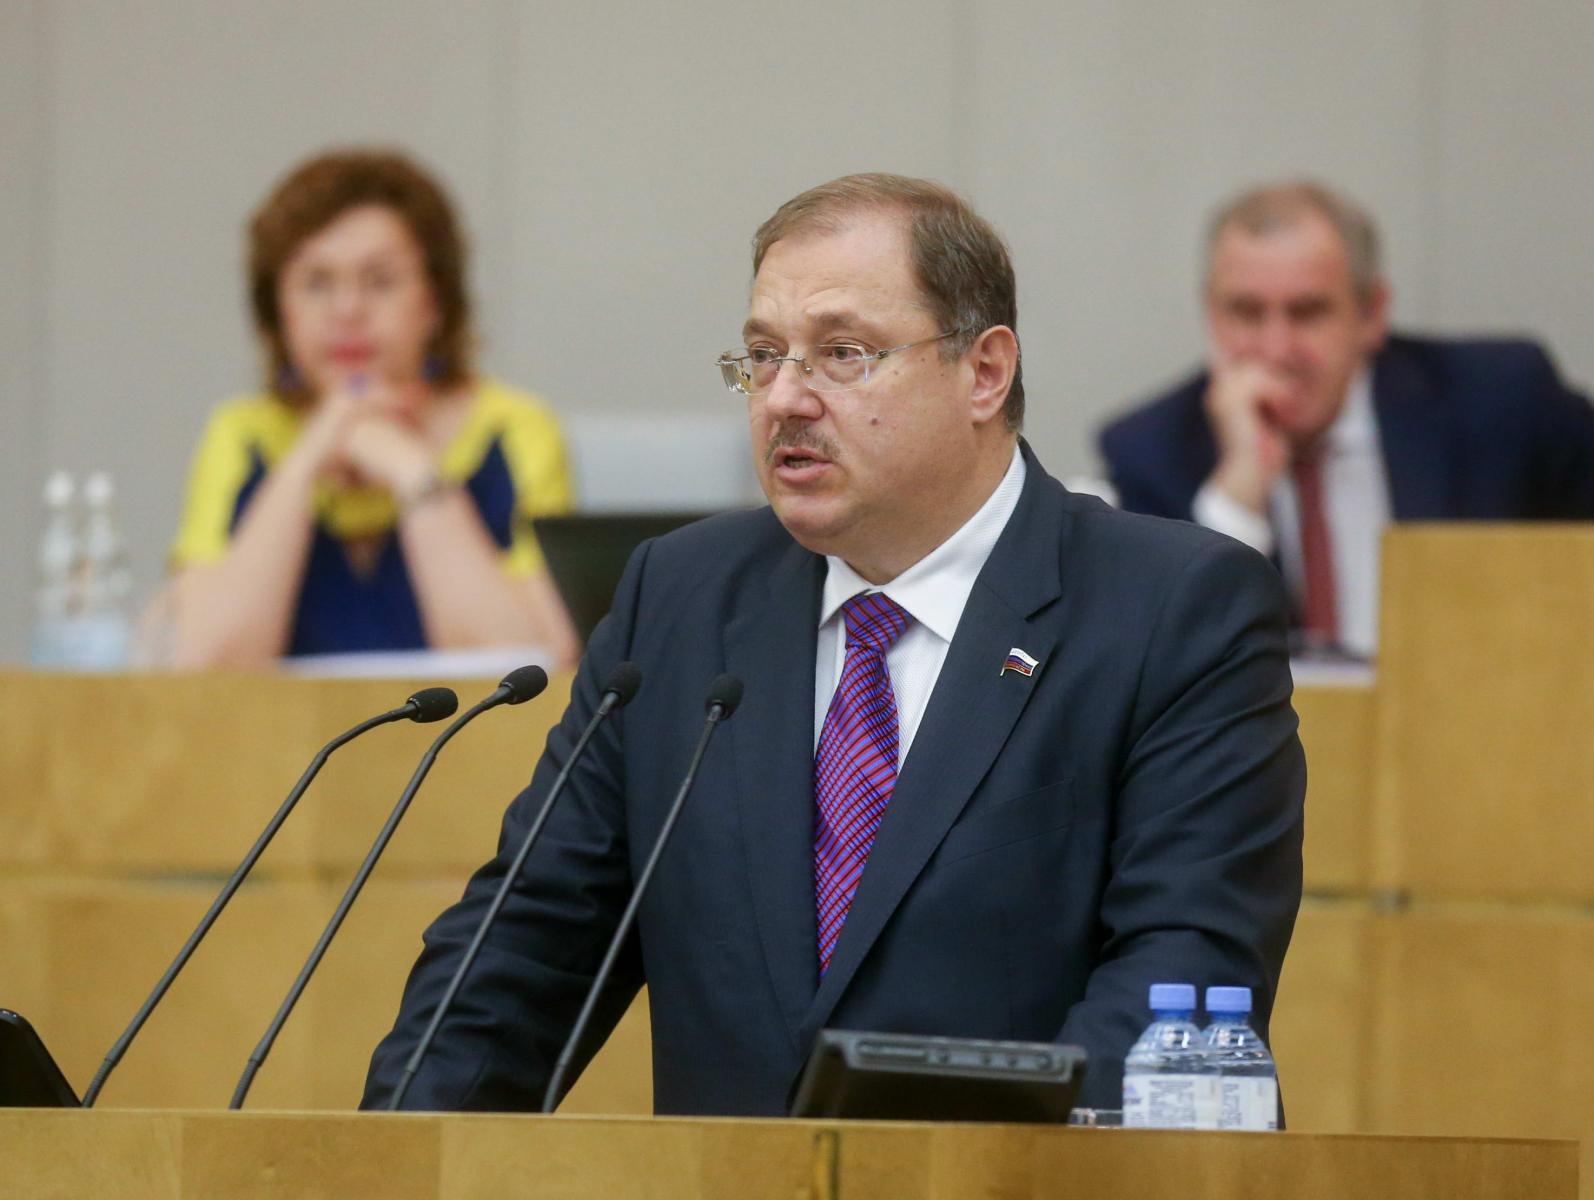 Брянский депутат Пайкин добивается налоговых льгот для граждан ипредпринимателей